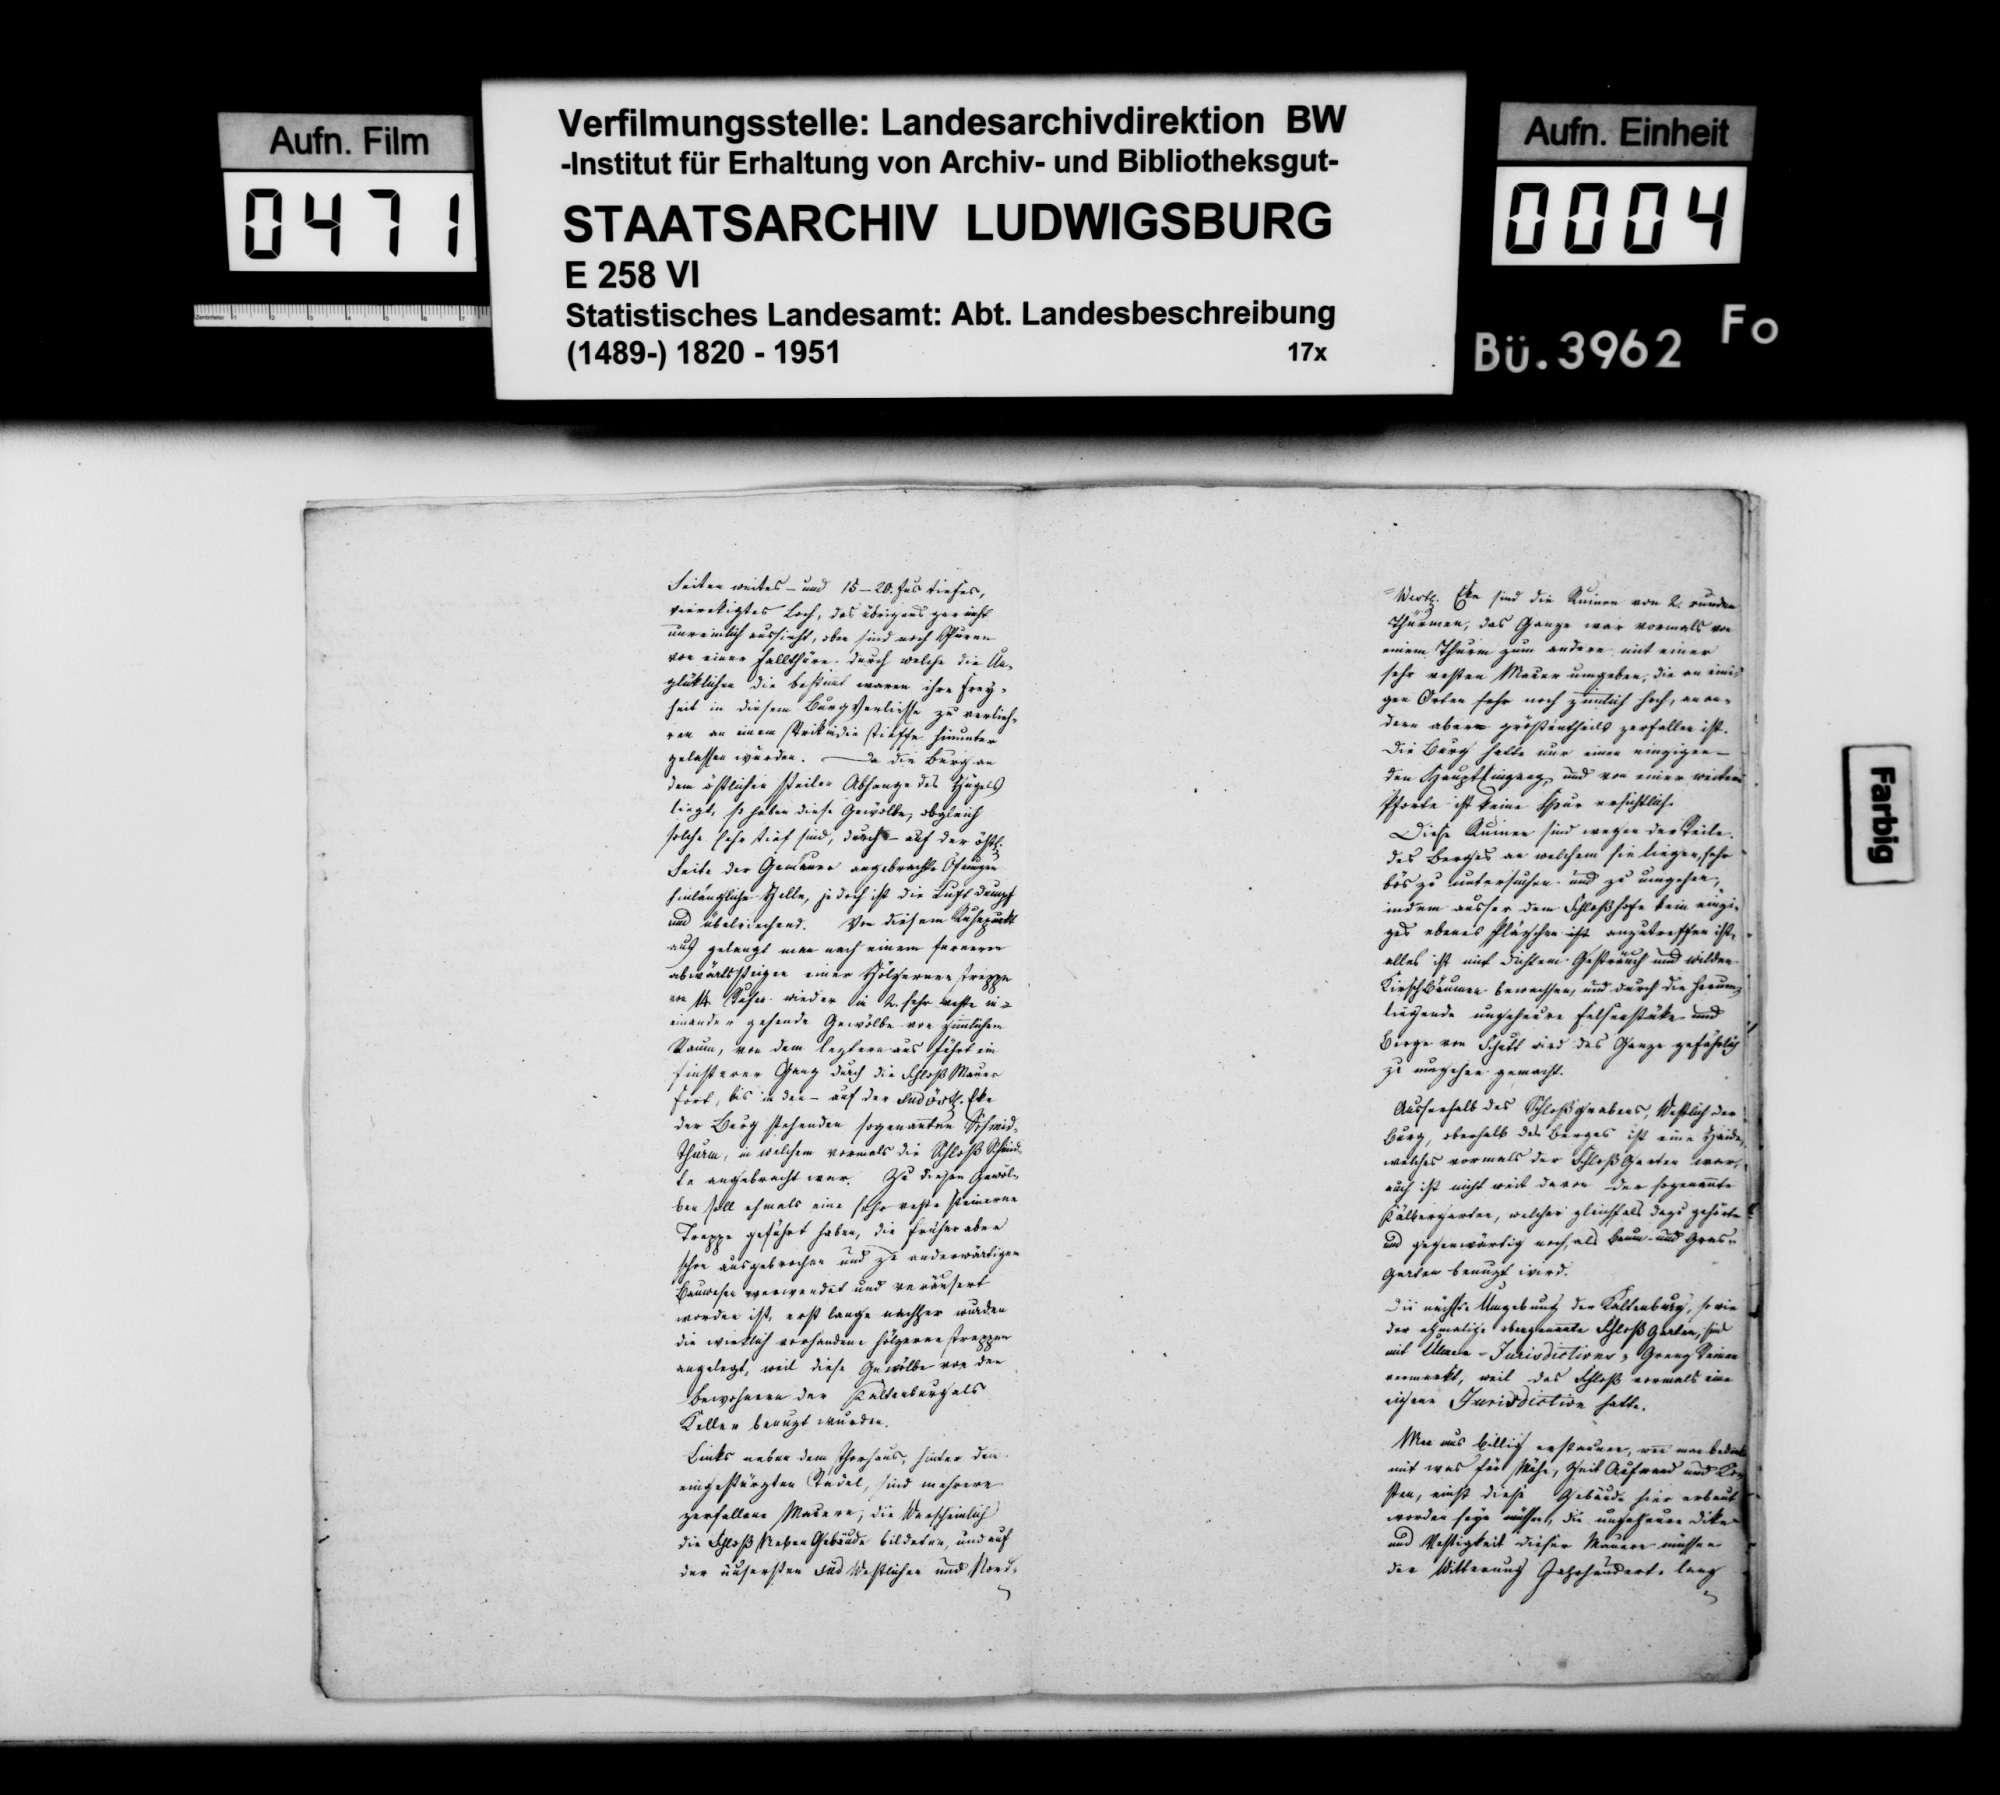 Aufsatz des Geometers Schäfer über Burg und Herrschaft Kaltenburg mit Lontal im nördlichen Lonetal sowie topographisch-statistischer Bericht über Niederstotzingen, Bild 3